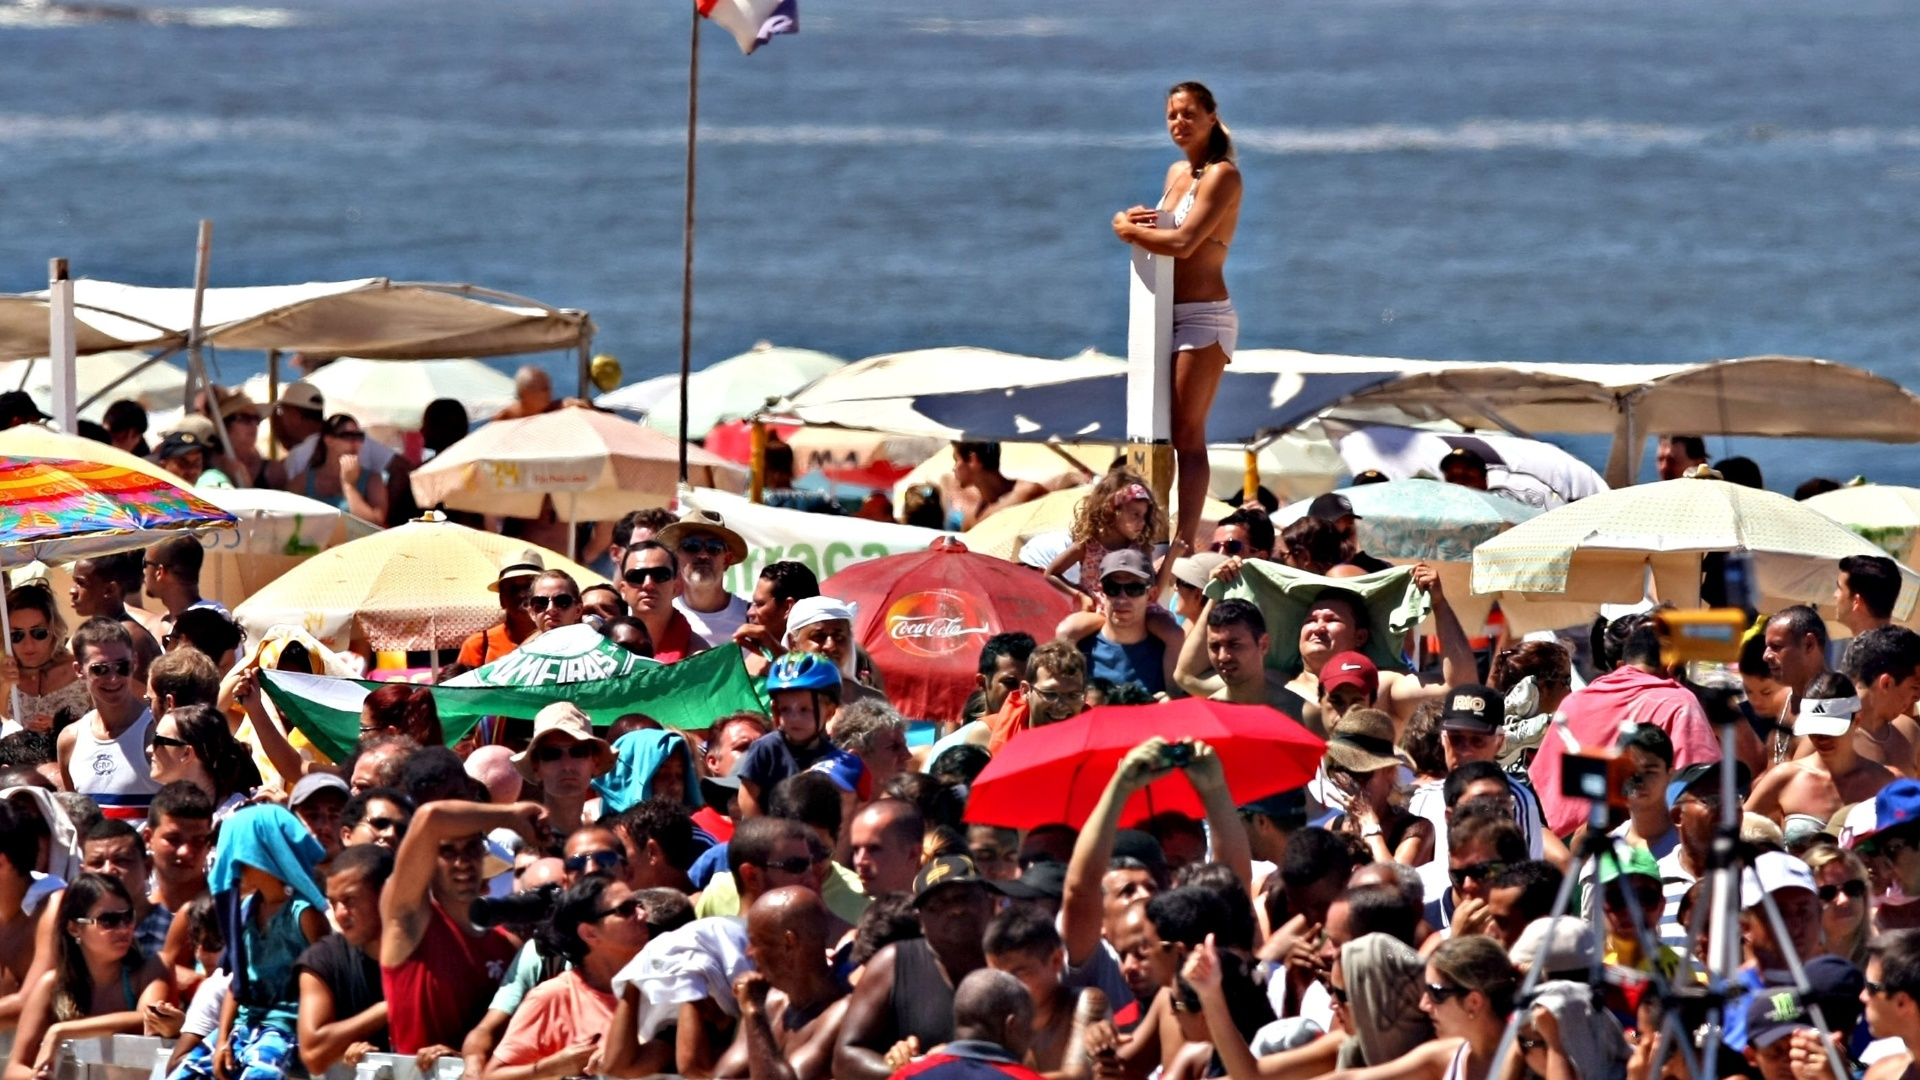 31.mar.2013 - Fãs se amontoam na praia de Copacabana para ver Usain Bolt